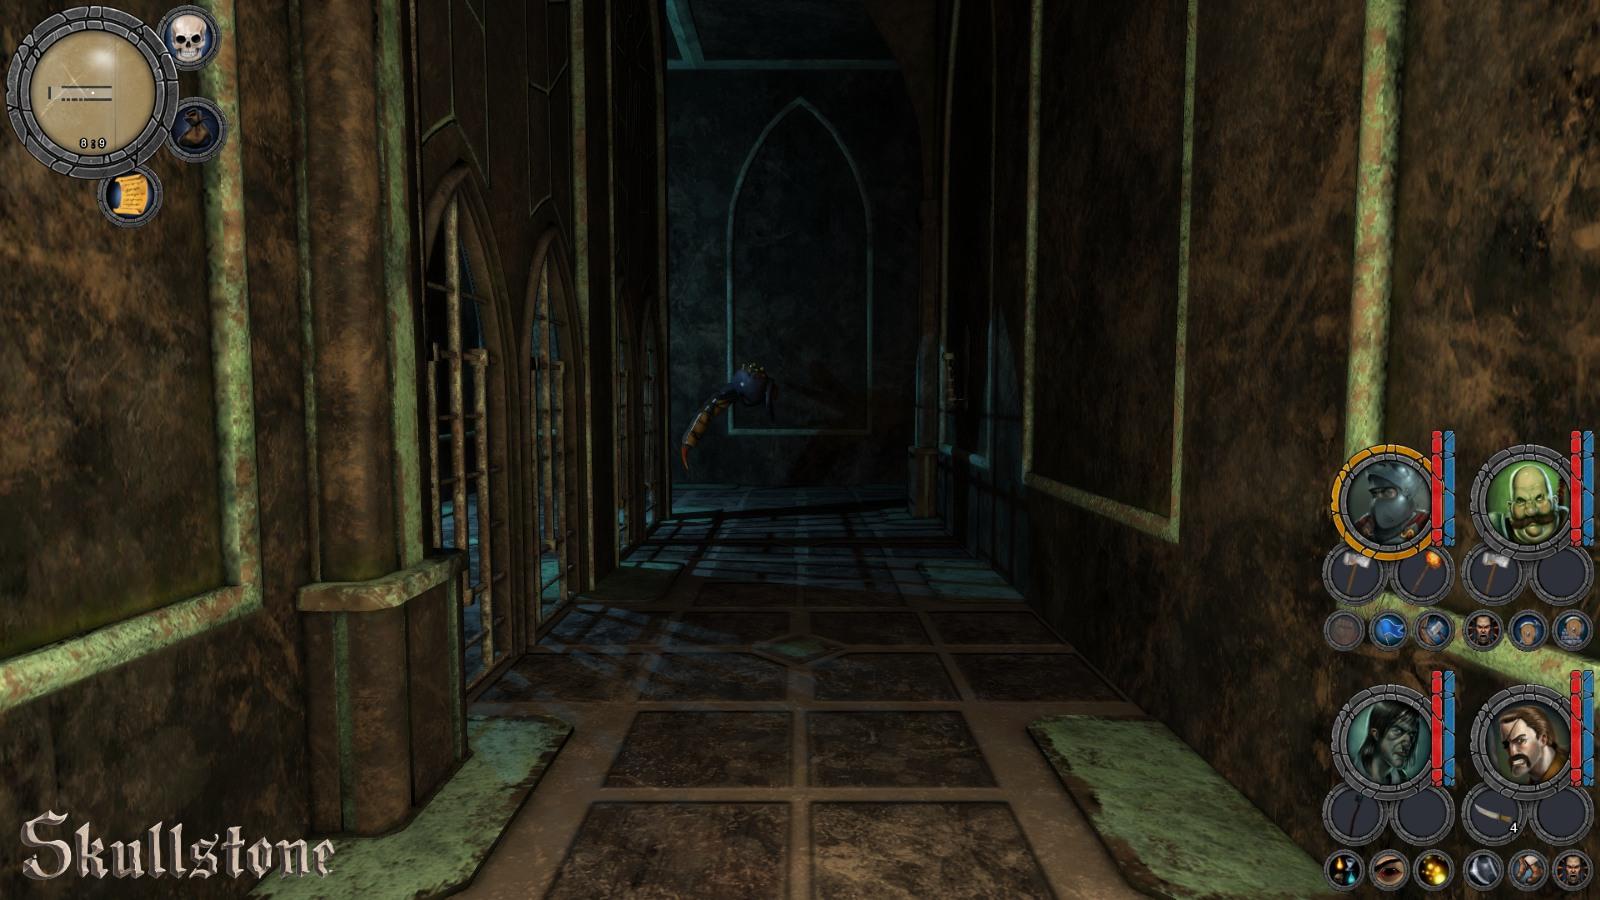 skullstone_dungeonB_wasp.jpg